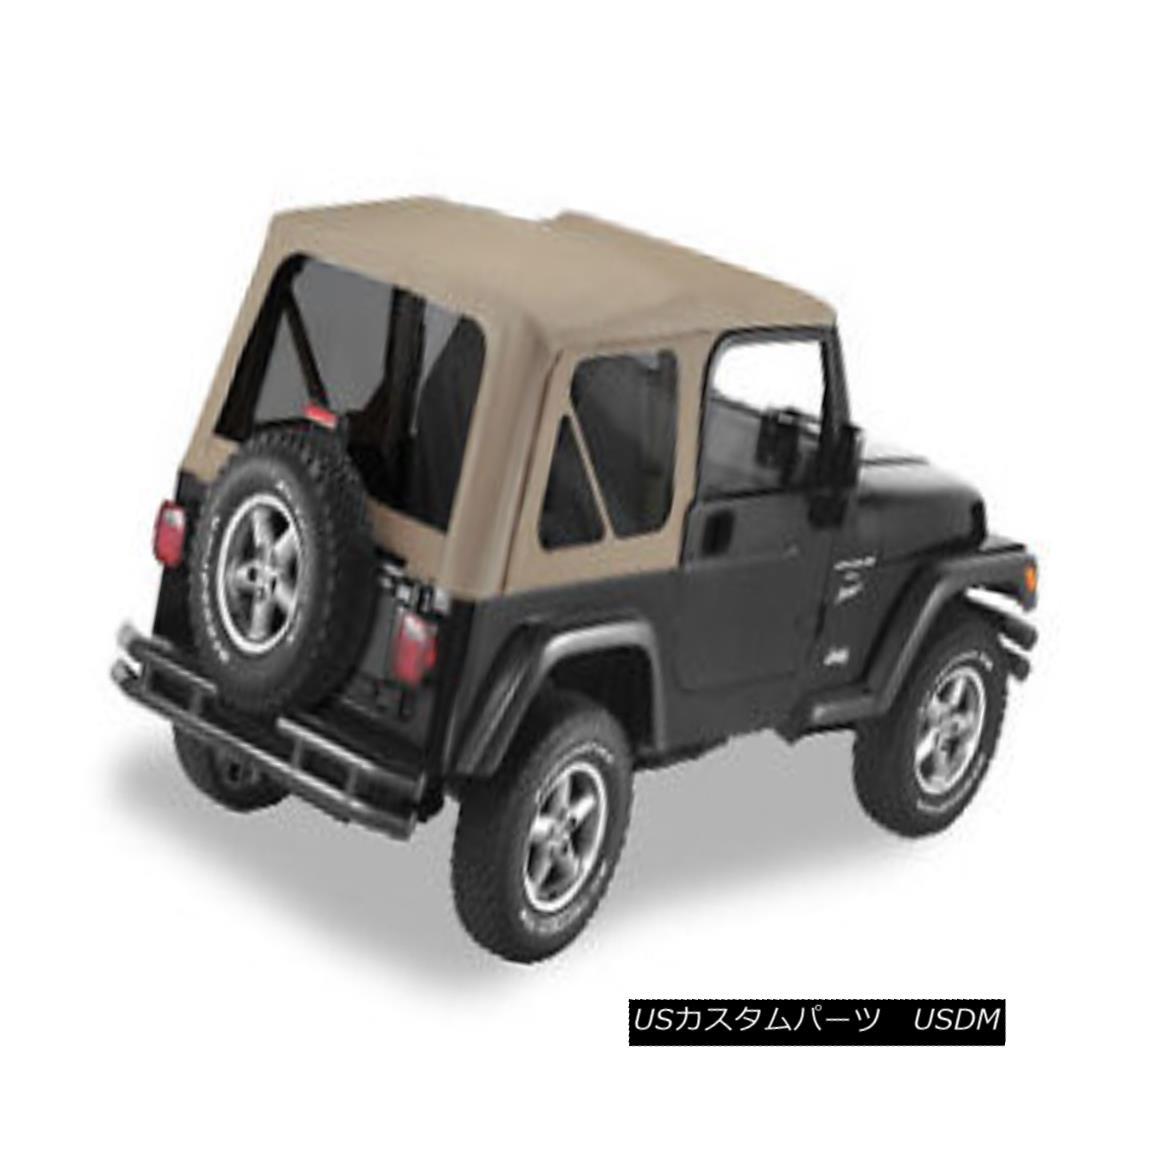 幌・ソフトトップ Jeep Wrangler TJ Dark Tan Replacement Soft Top w/ Tinted Windows ジープラングラーTJダークタン交換ソフトトップウインドウ付き